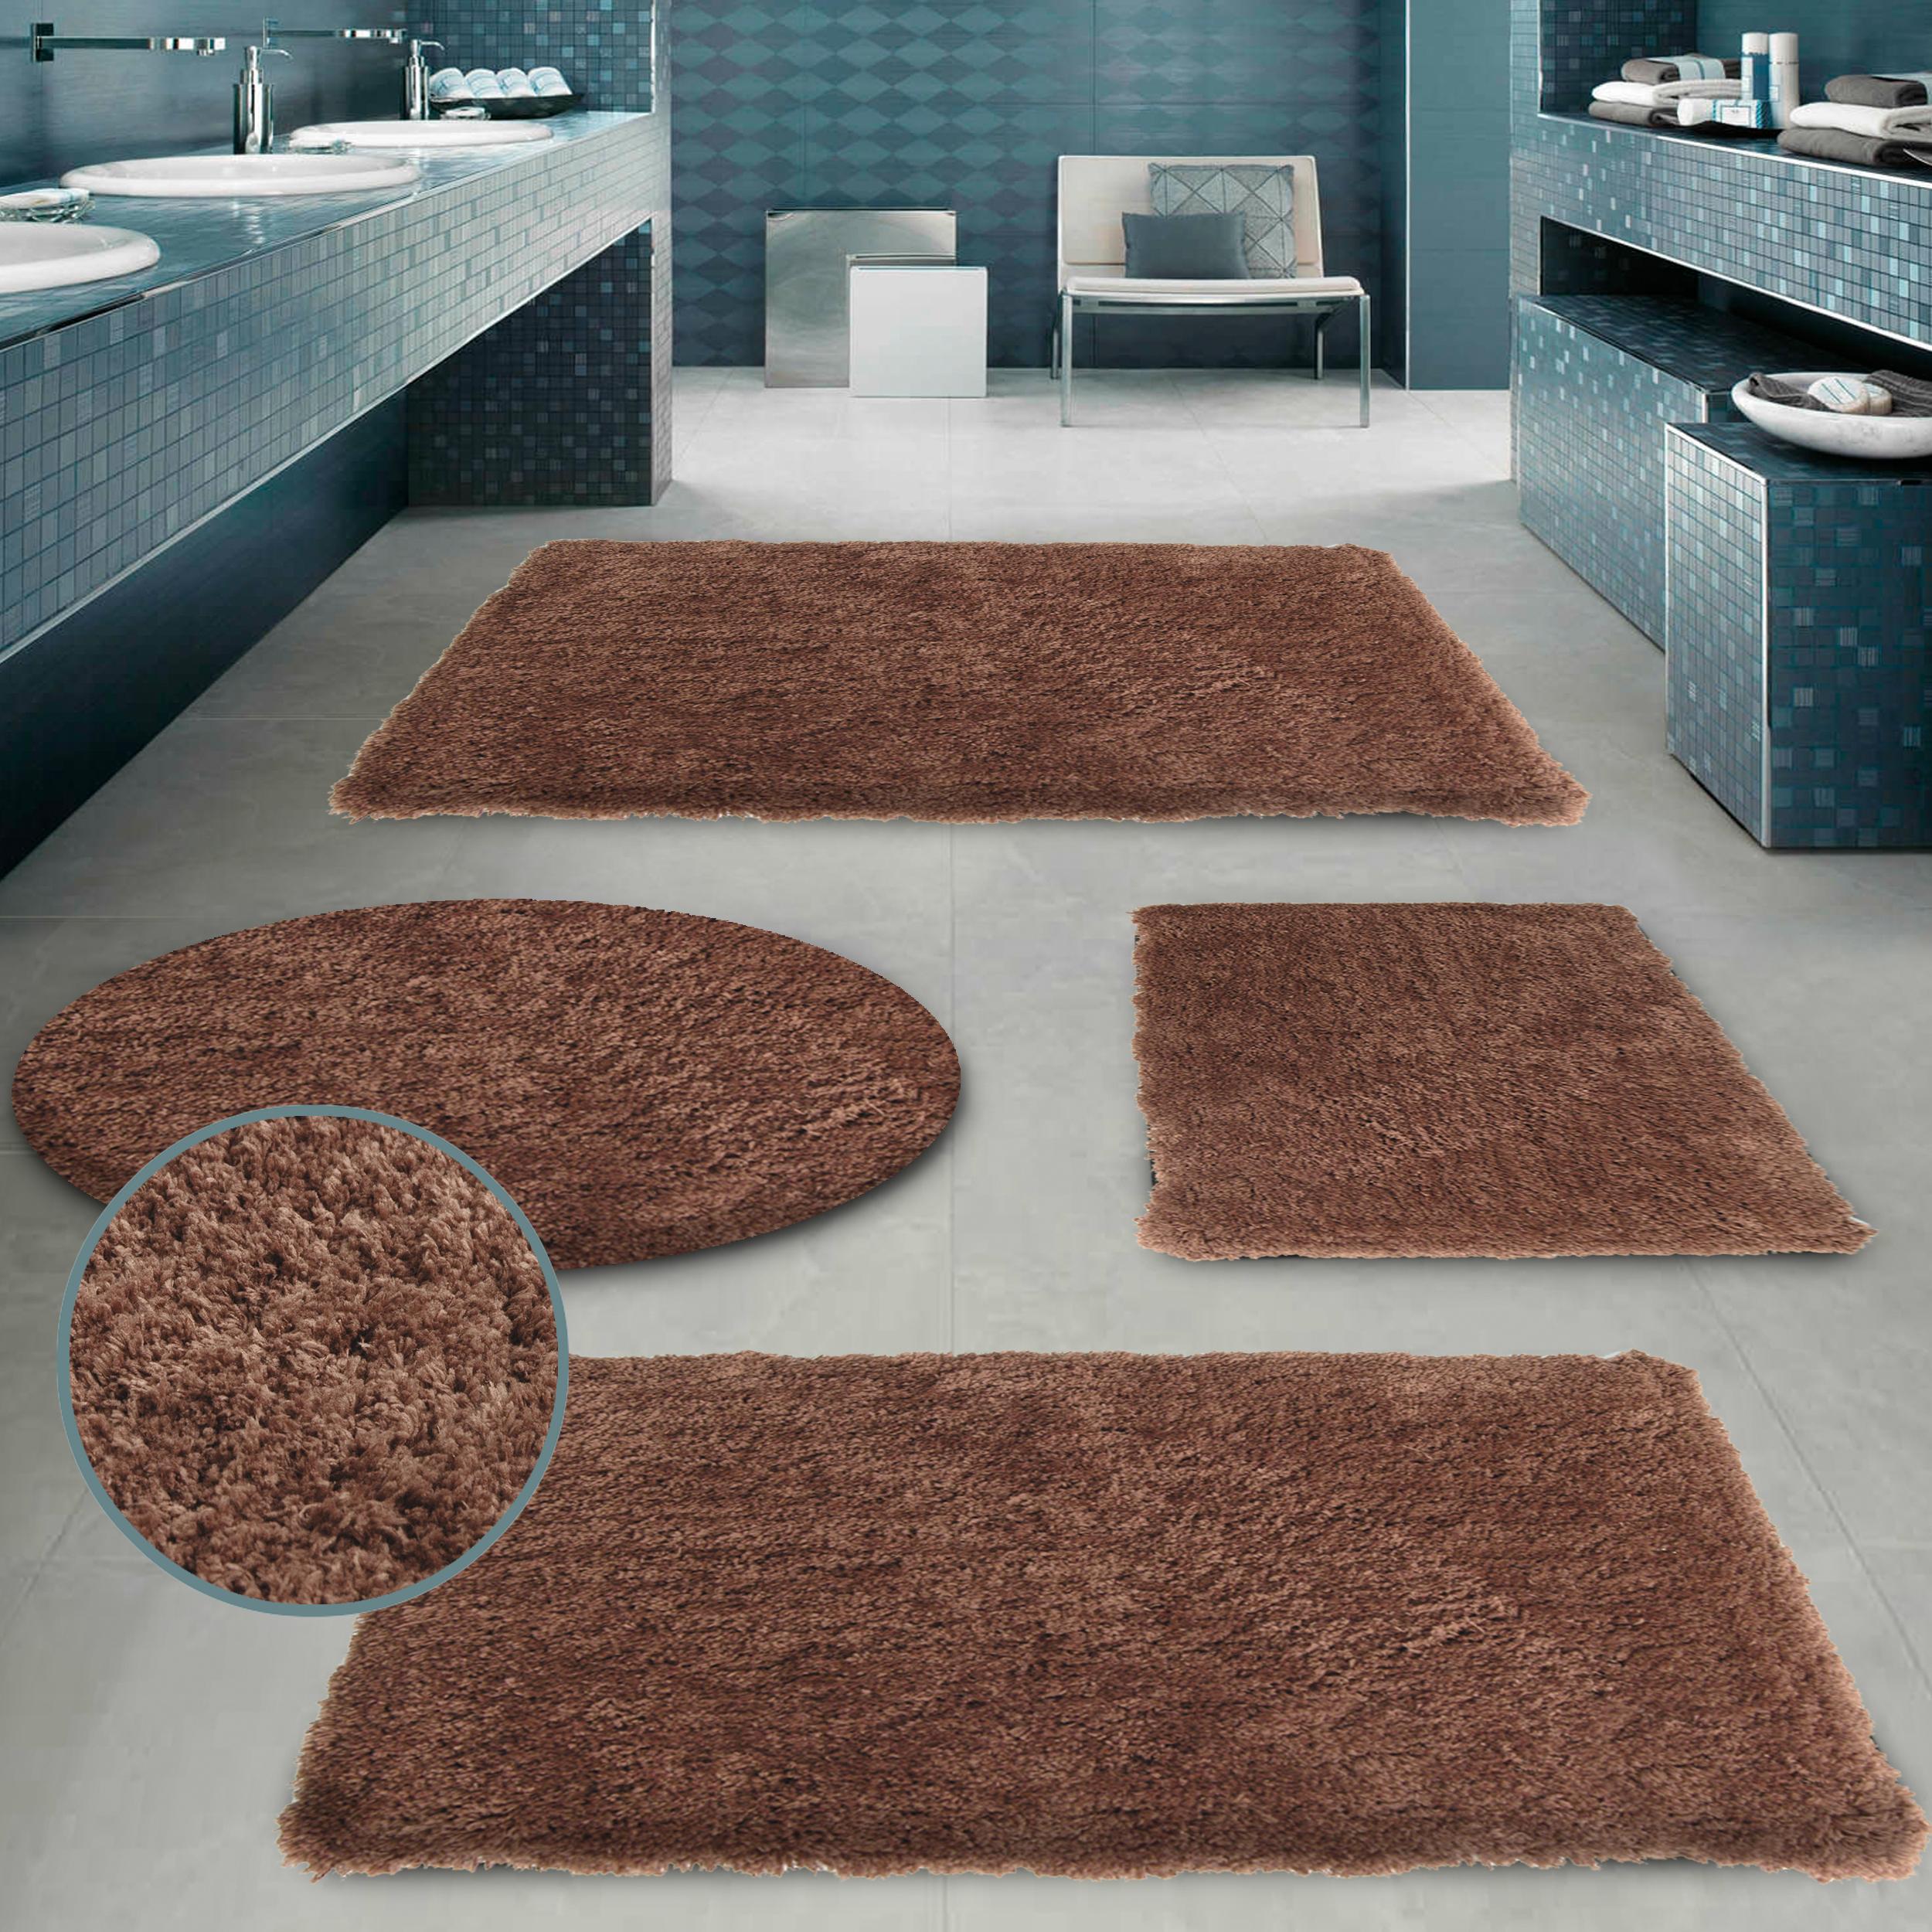 Badgarnitur CLOUD Anthrazit Badezimmer Dusch Bade Matte Teppich Vorleger